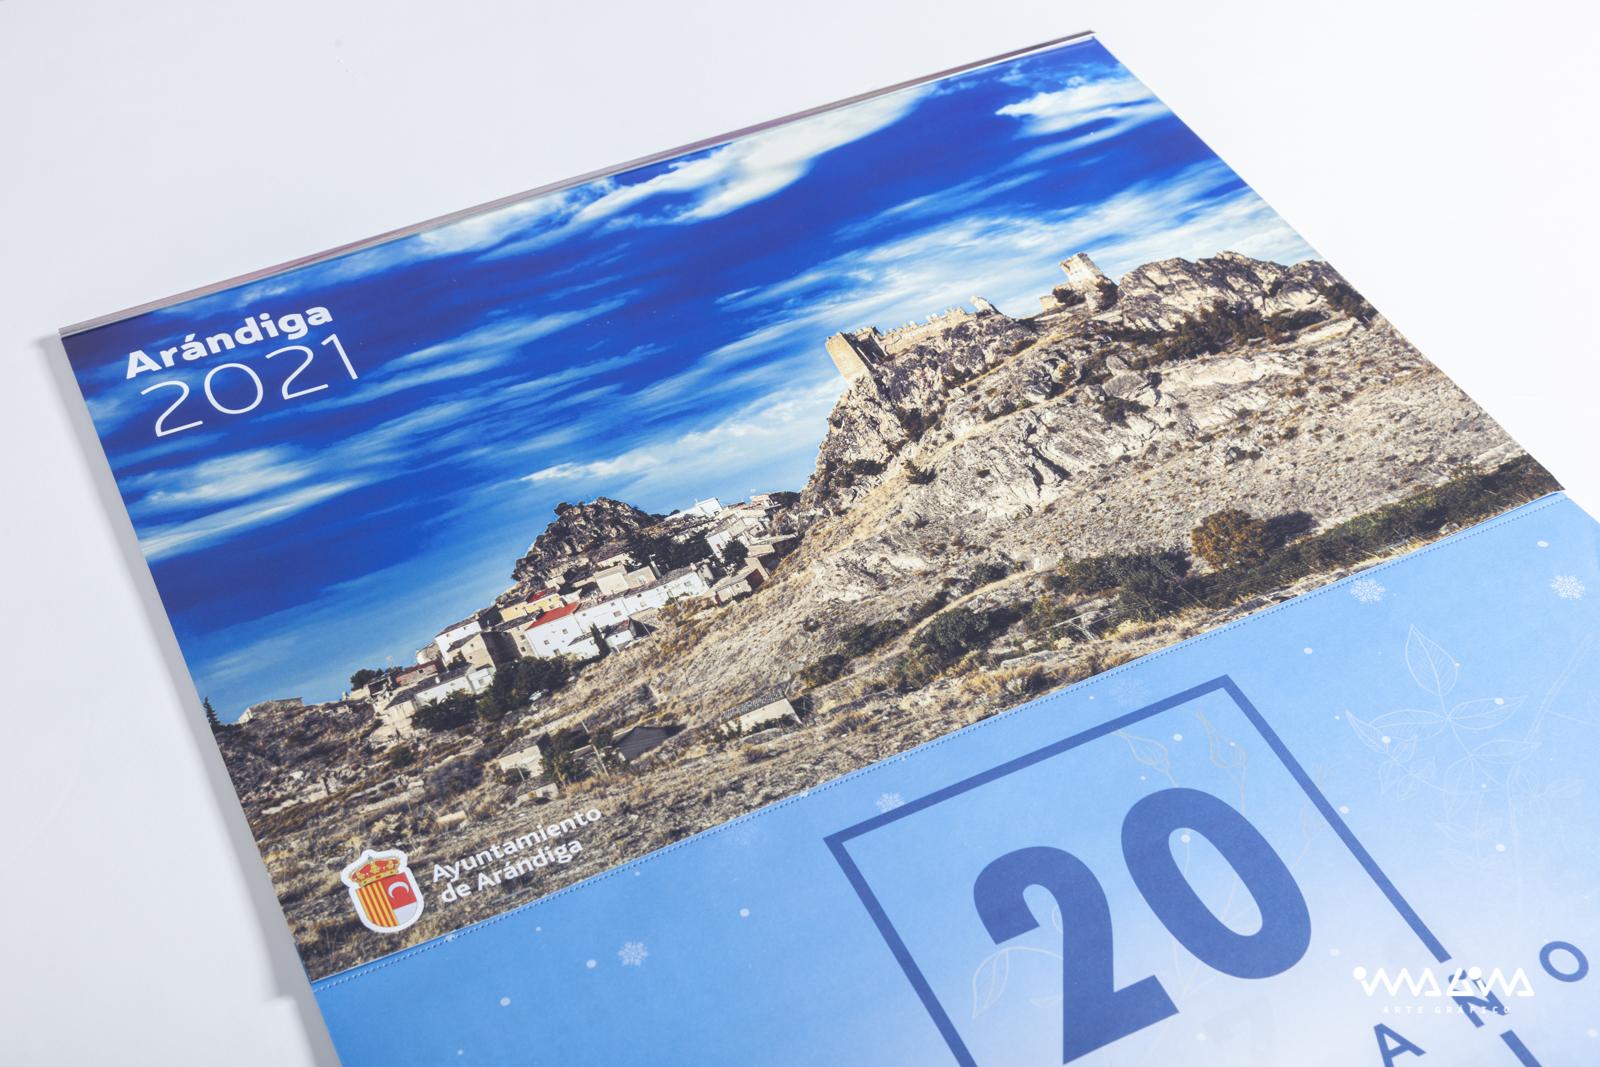 Calendarios de pared - Ayuntamiento de Arándiga - Imagina Arte Gráfico